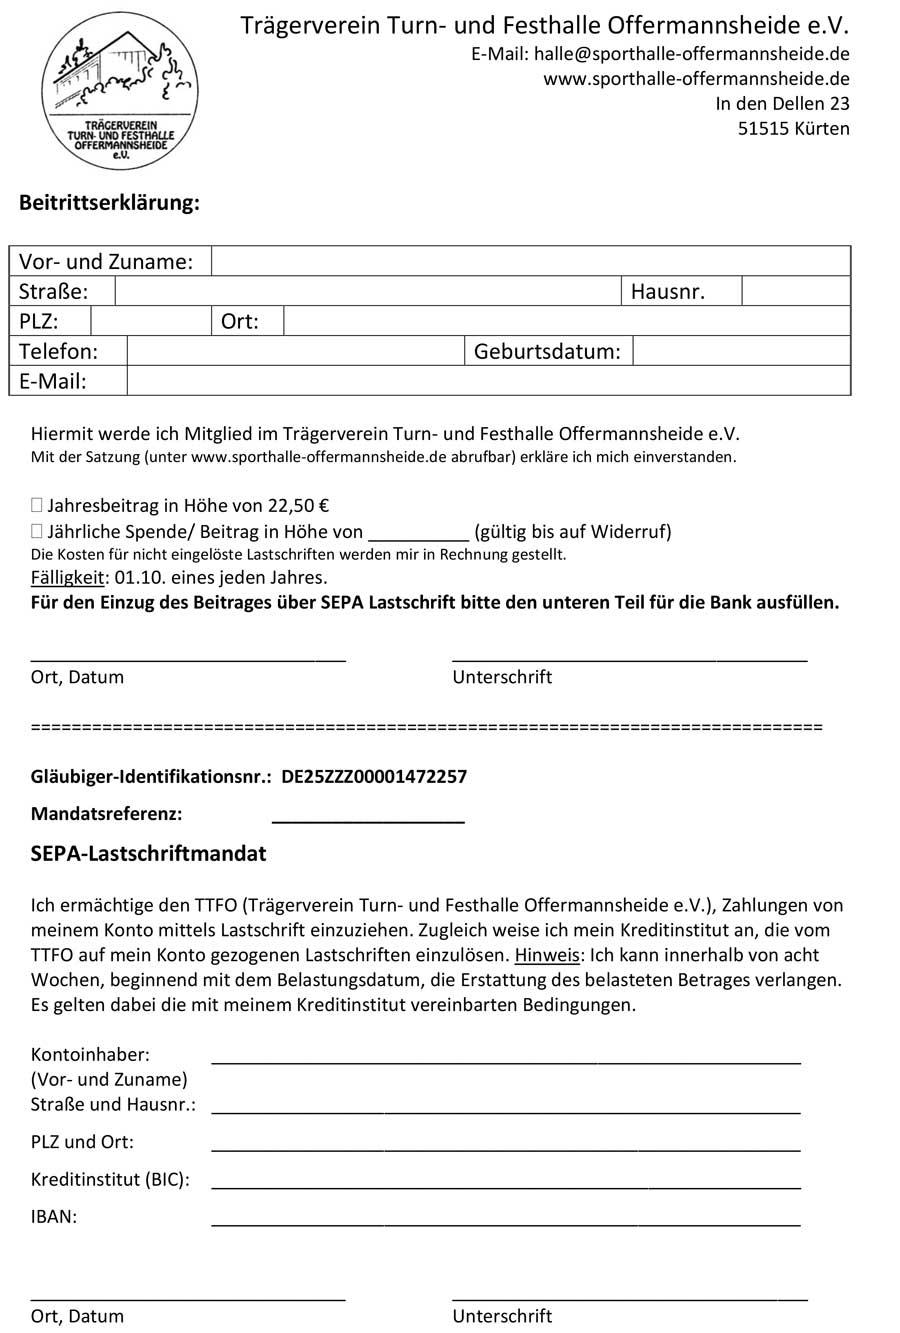 Mietvertrag mit Link zur PDF-Datei